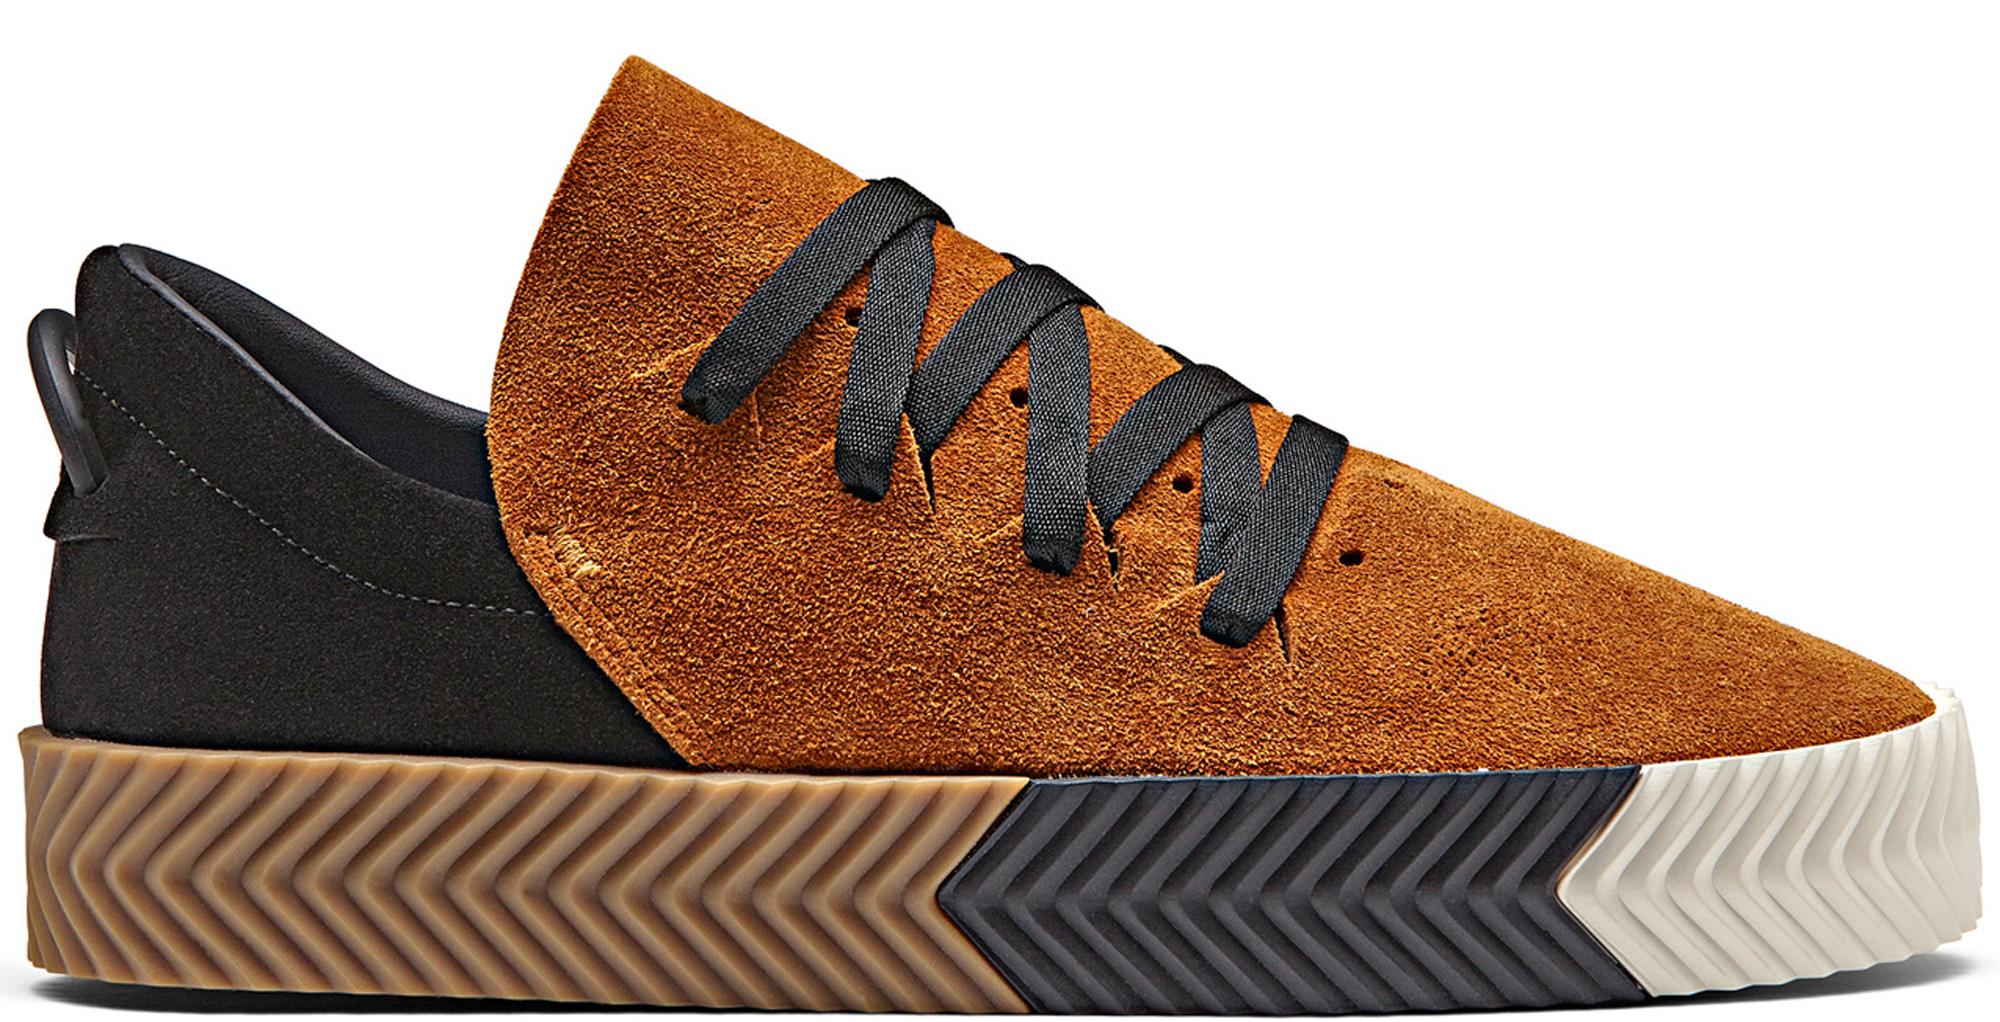 newest 83d5d 70ba0 Alexander Wang x adidas AW Skate Sand